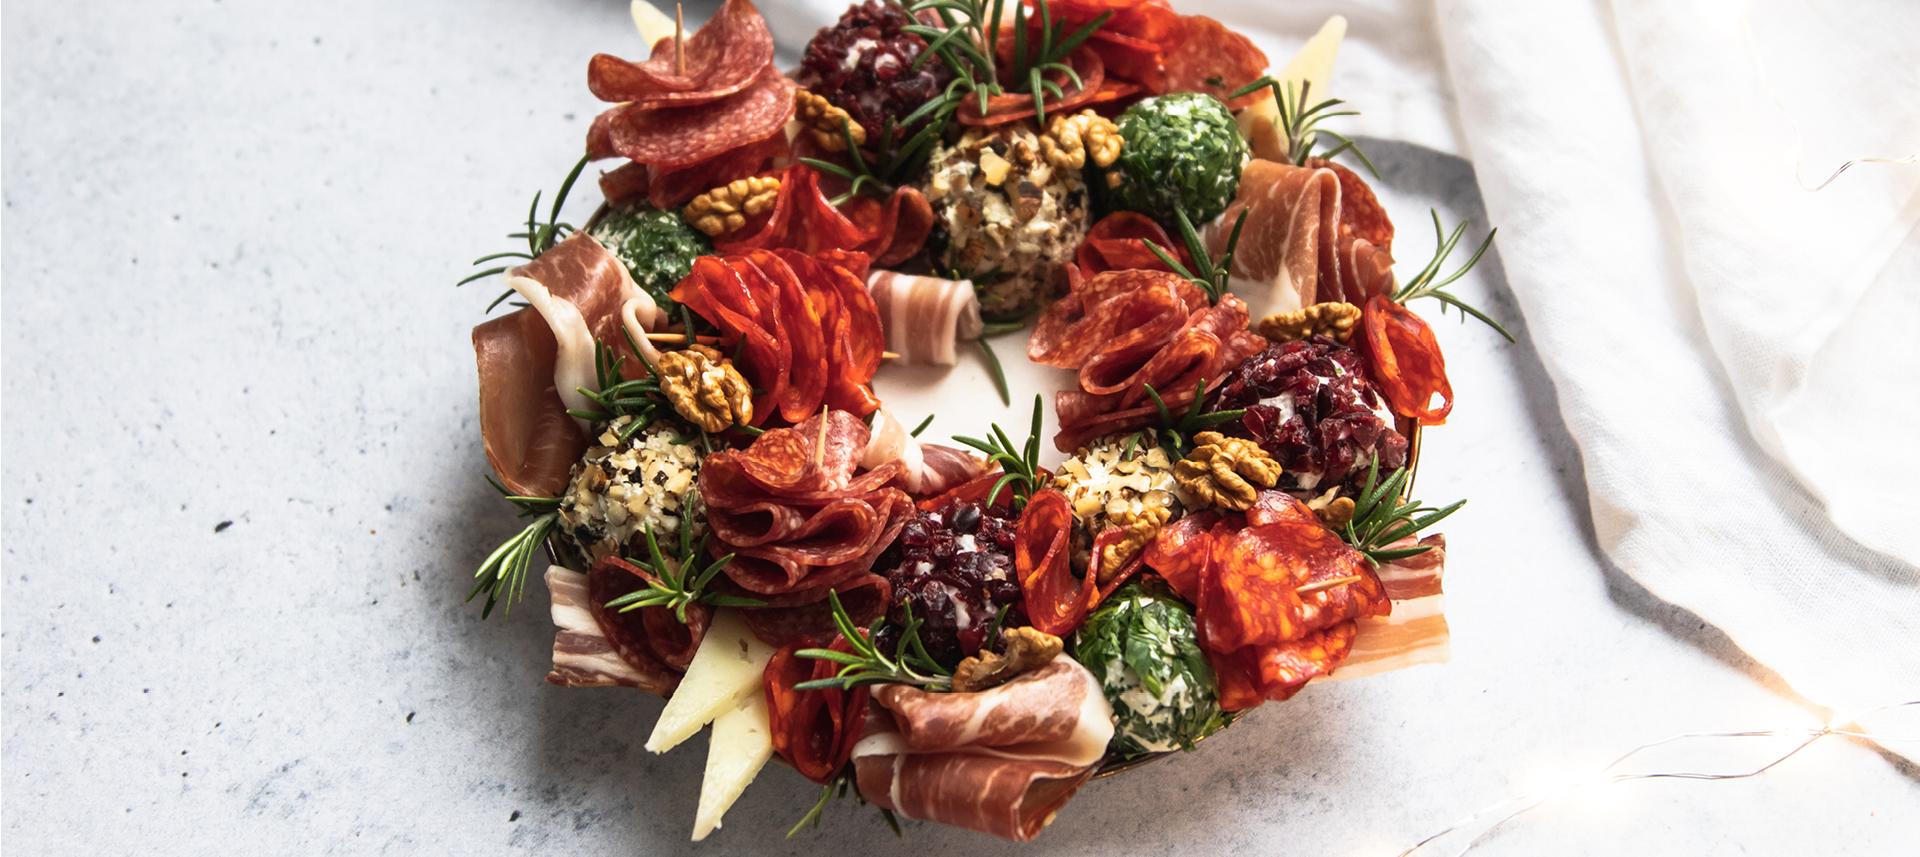 Božićni vijenac s kuglicama od sira.jpg